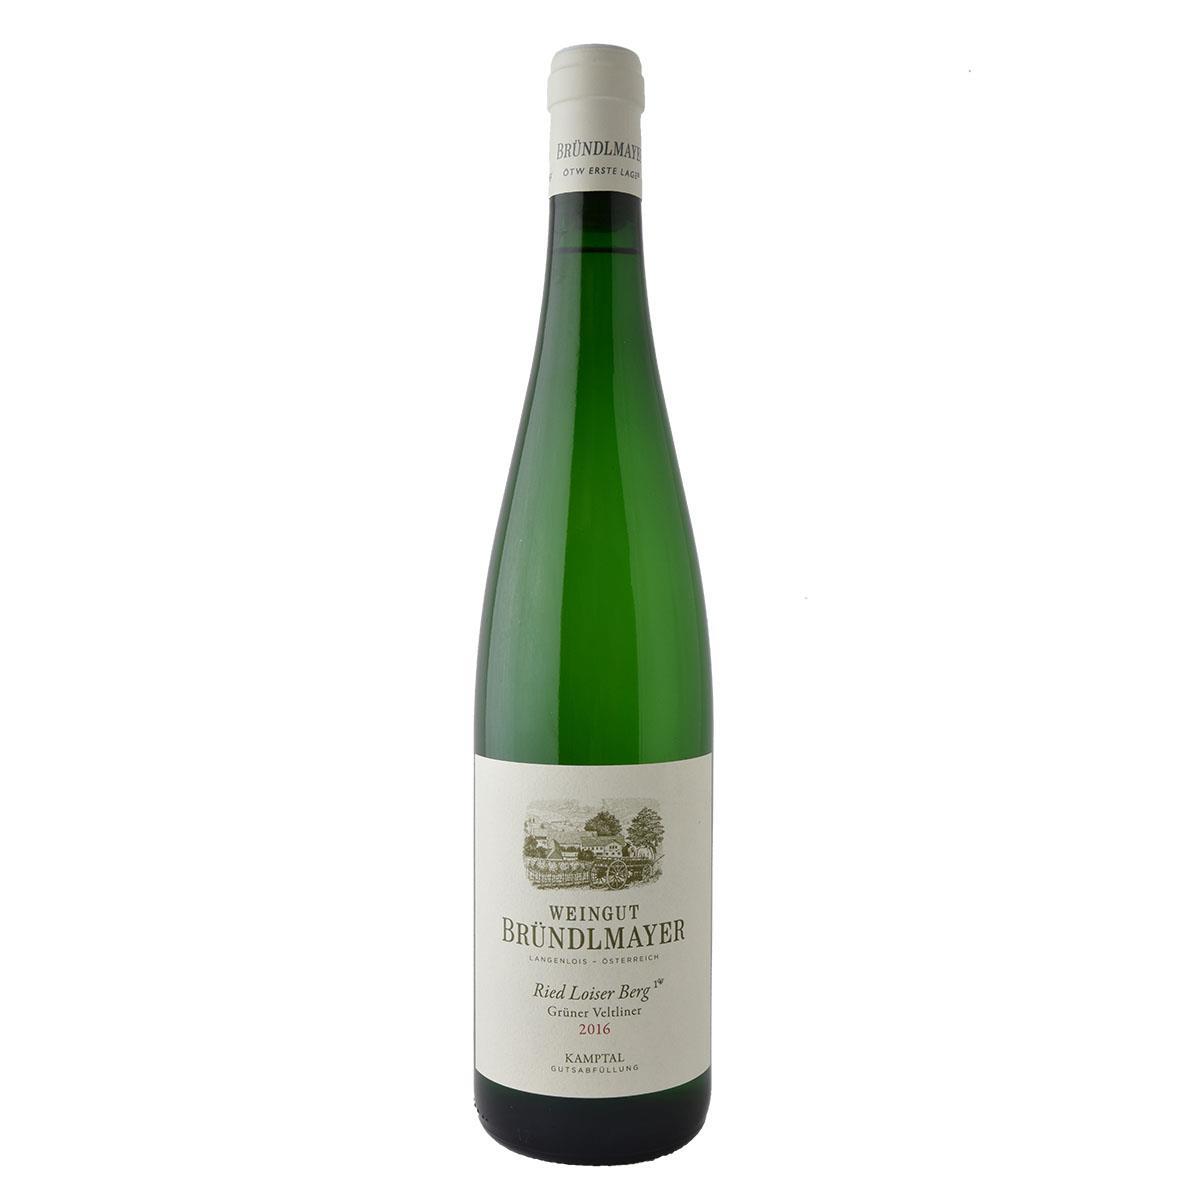 Brundlmayer Gruner Veltiner  Loisier Berg 750ml Λευκό